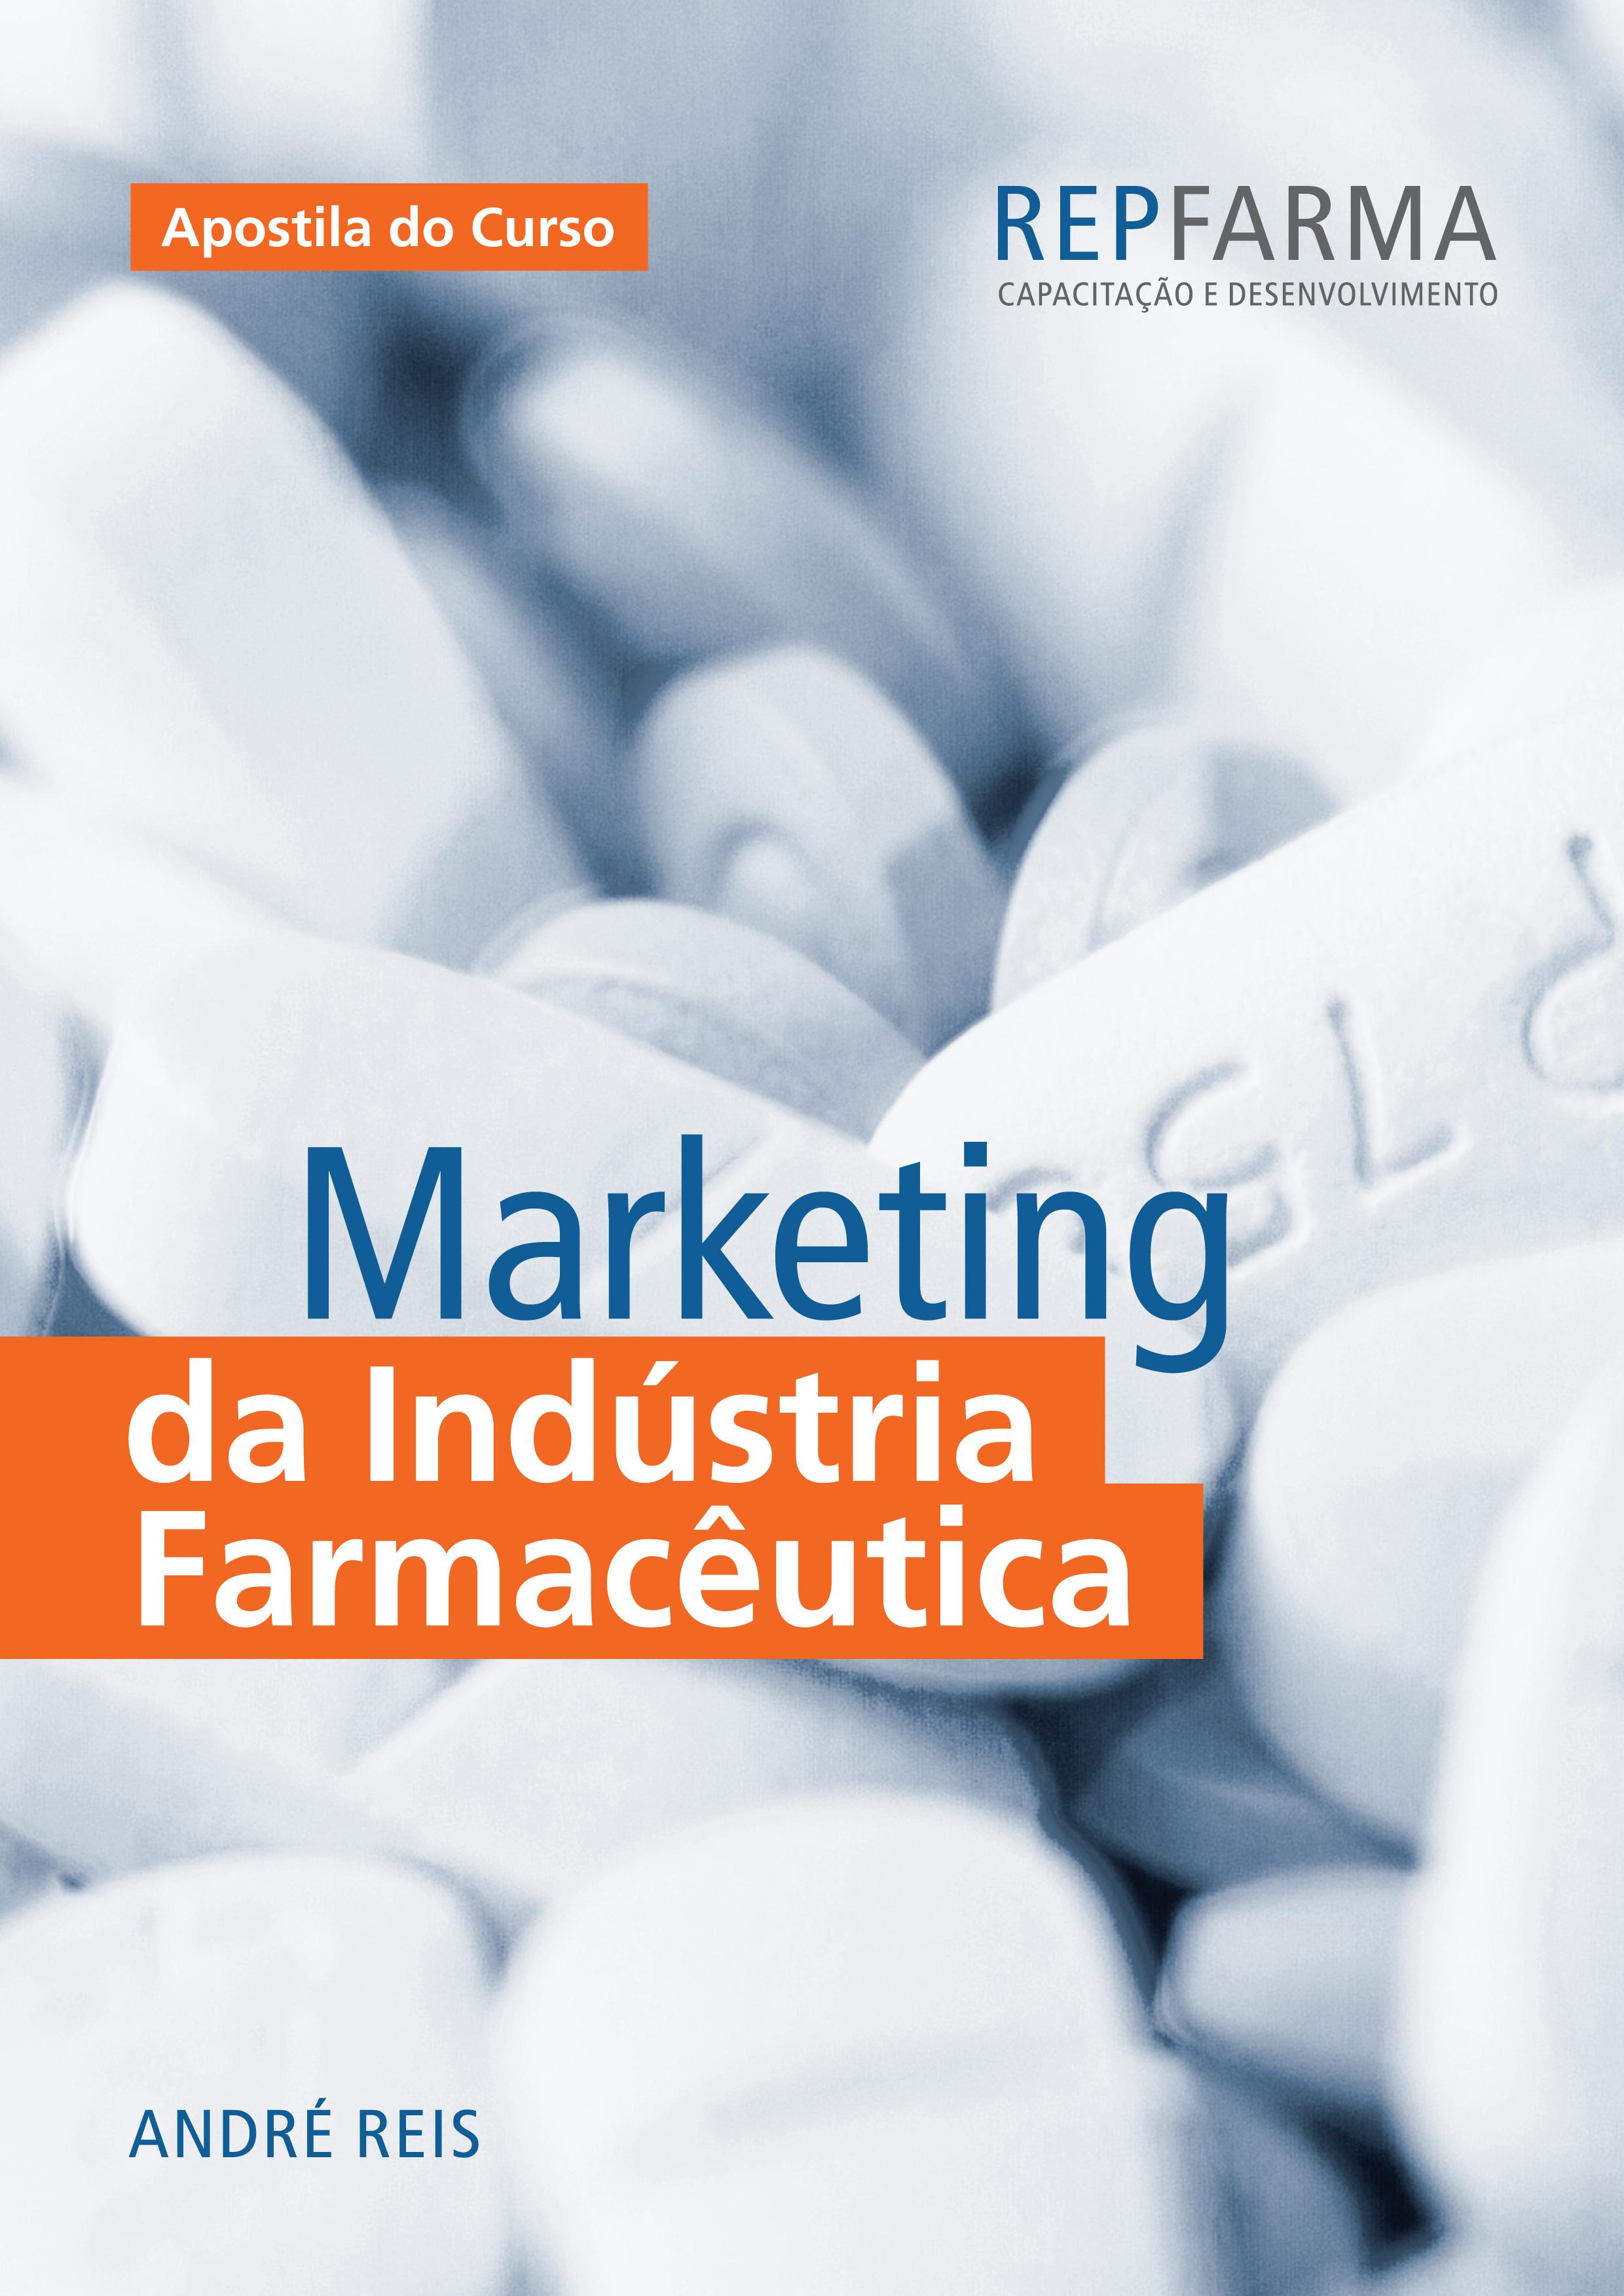 apostila_marketing_v2.indd